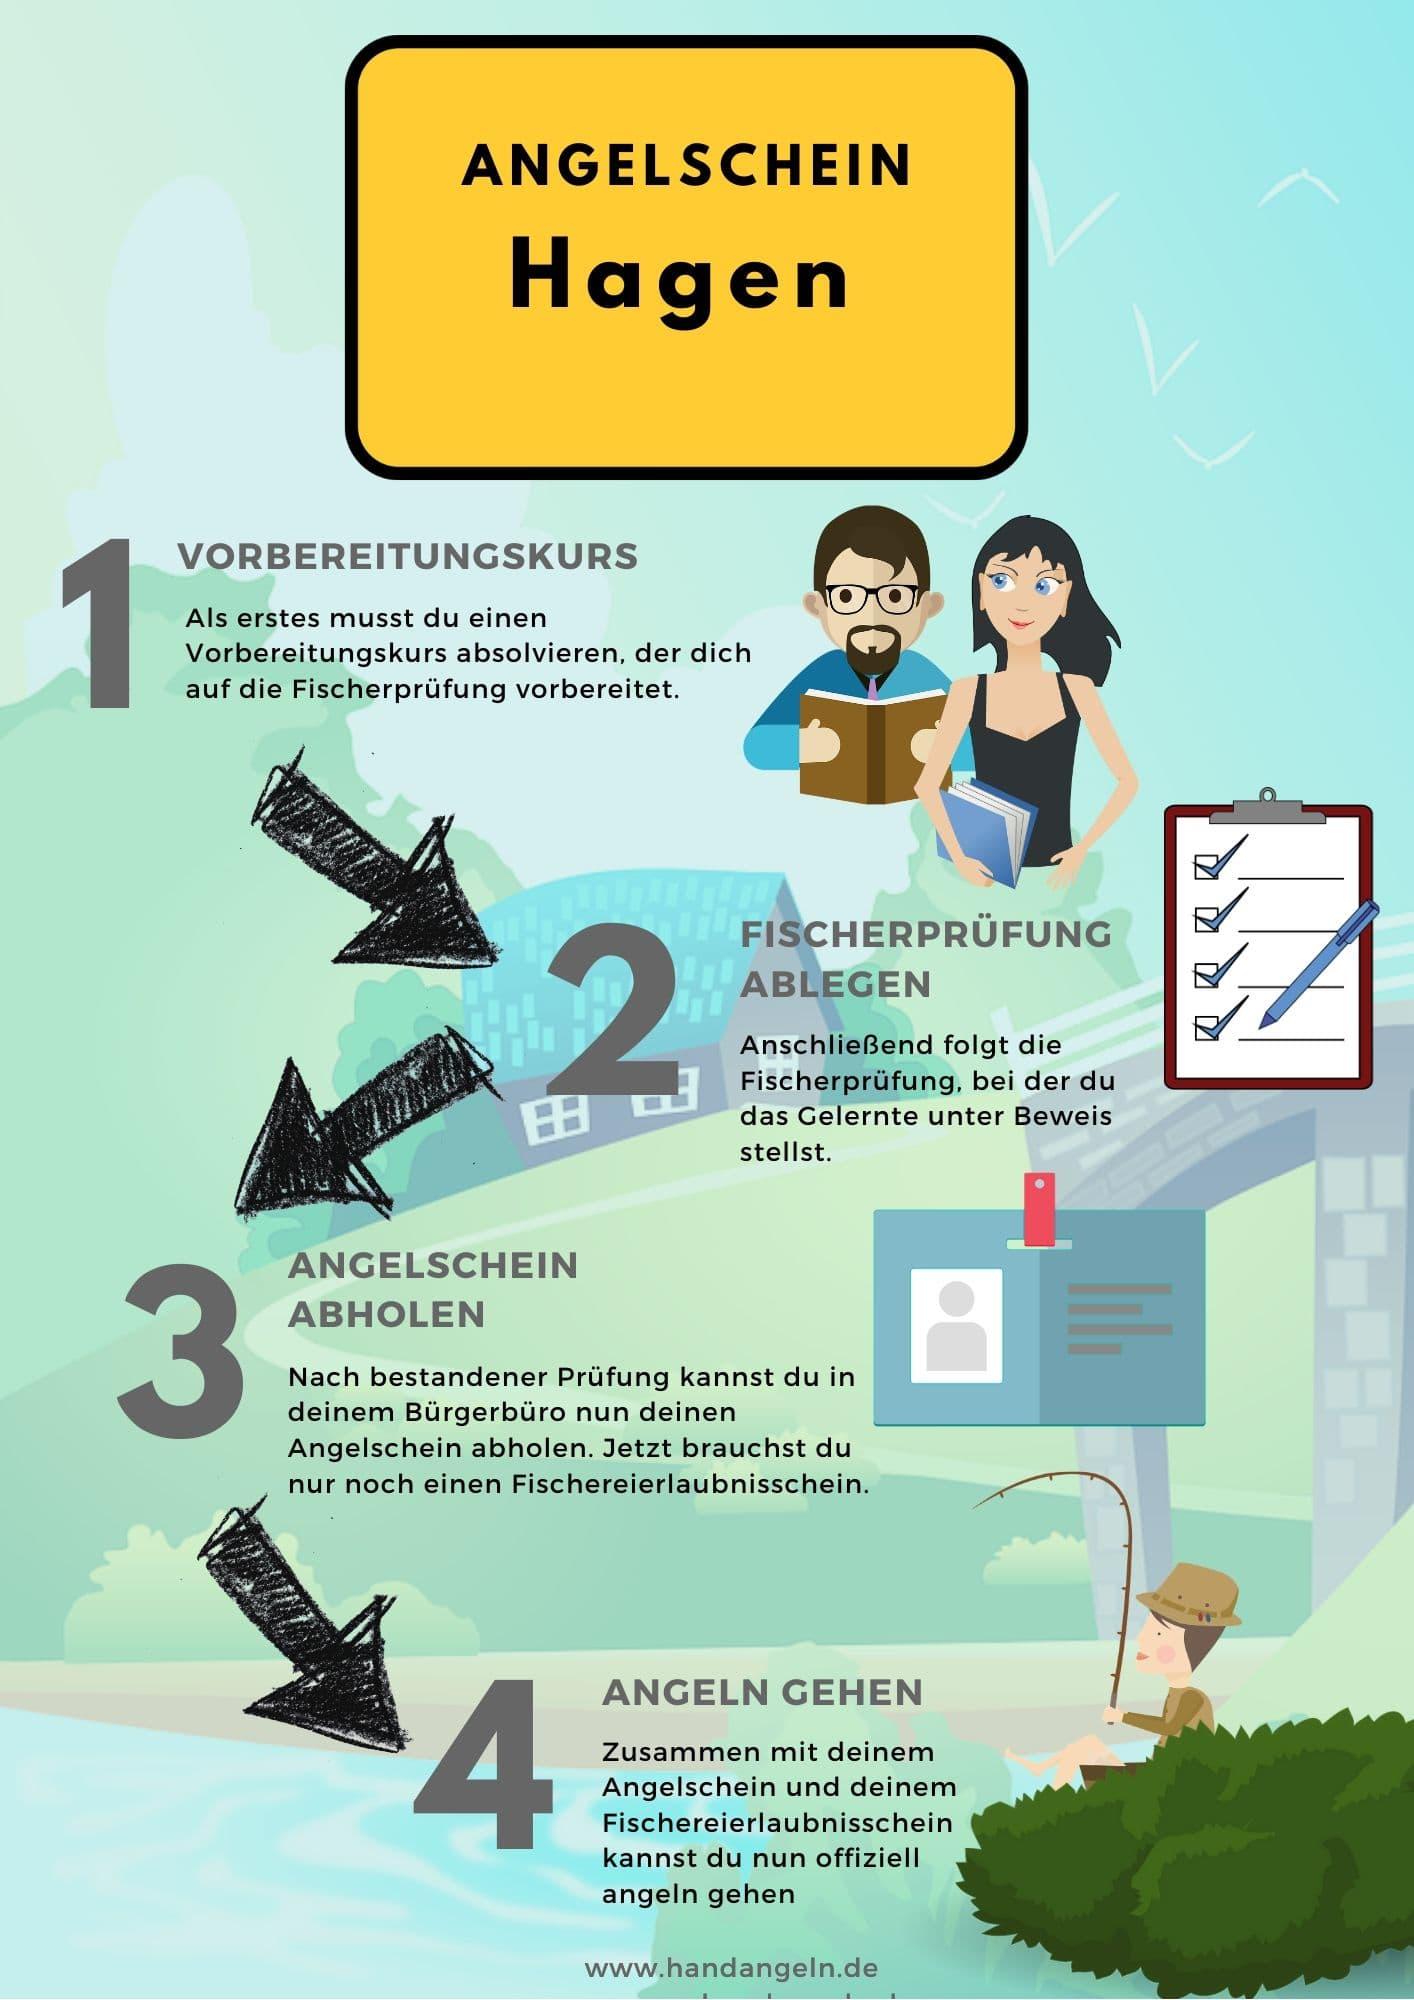 Angelschein Hagen 4 Schritte